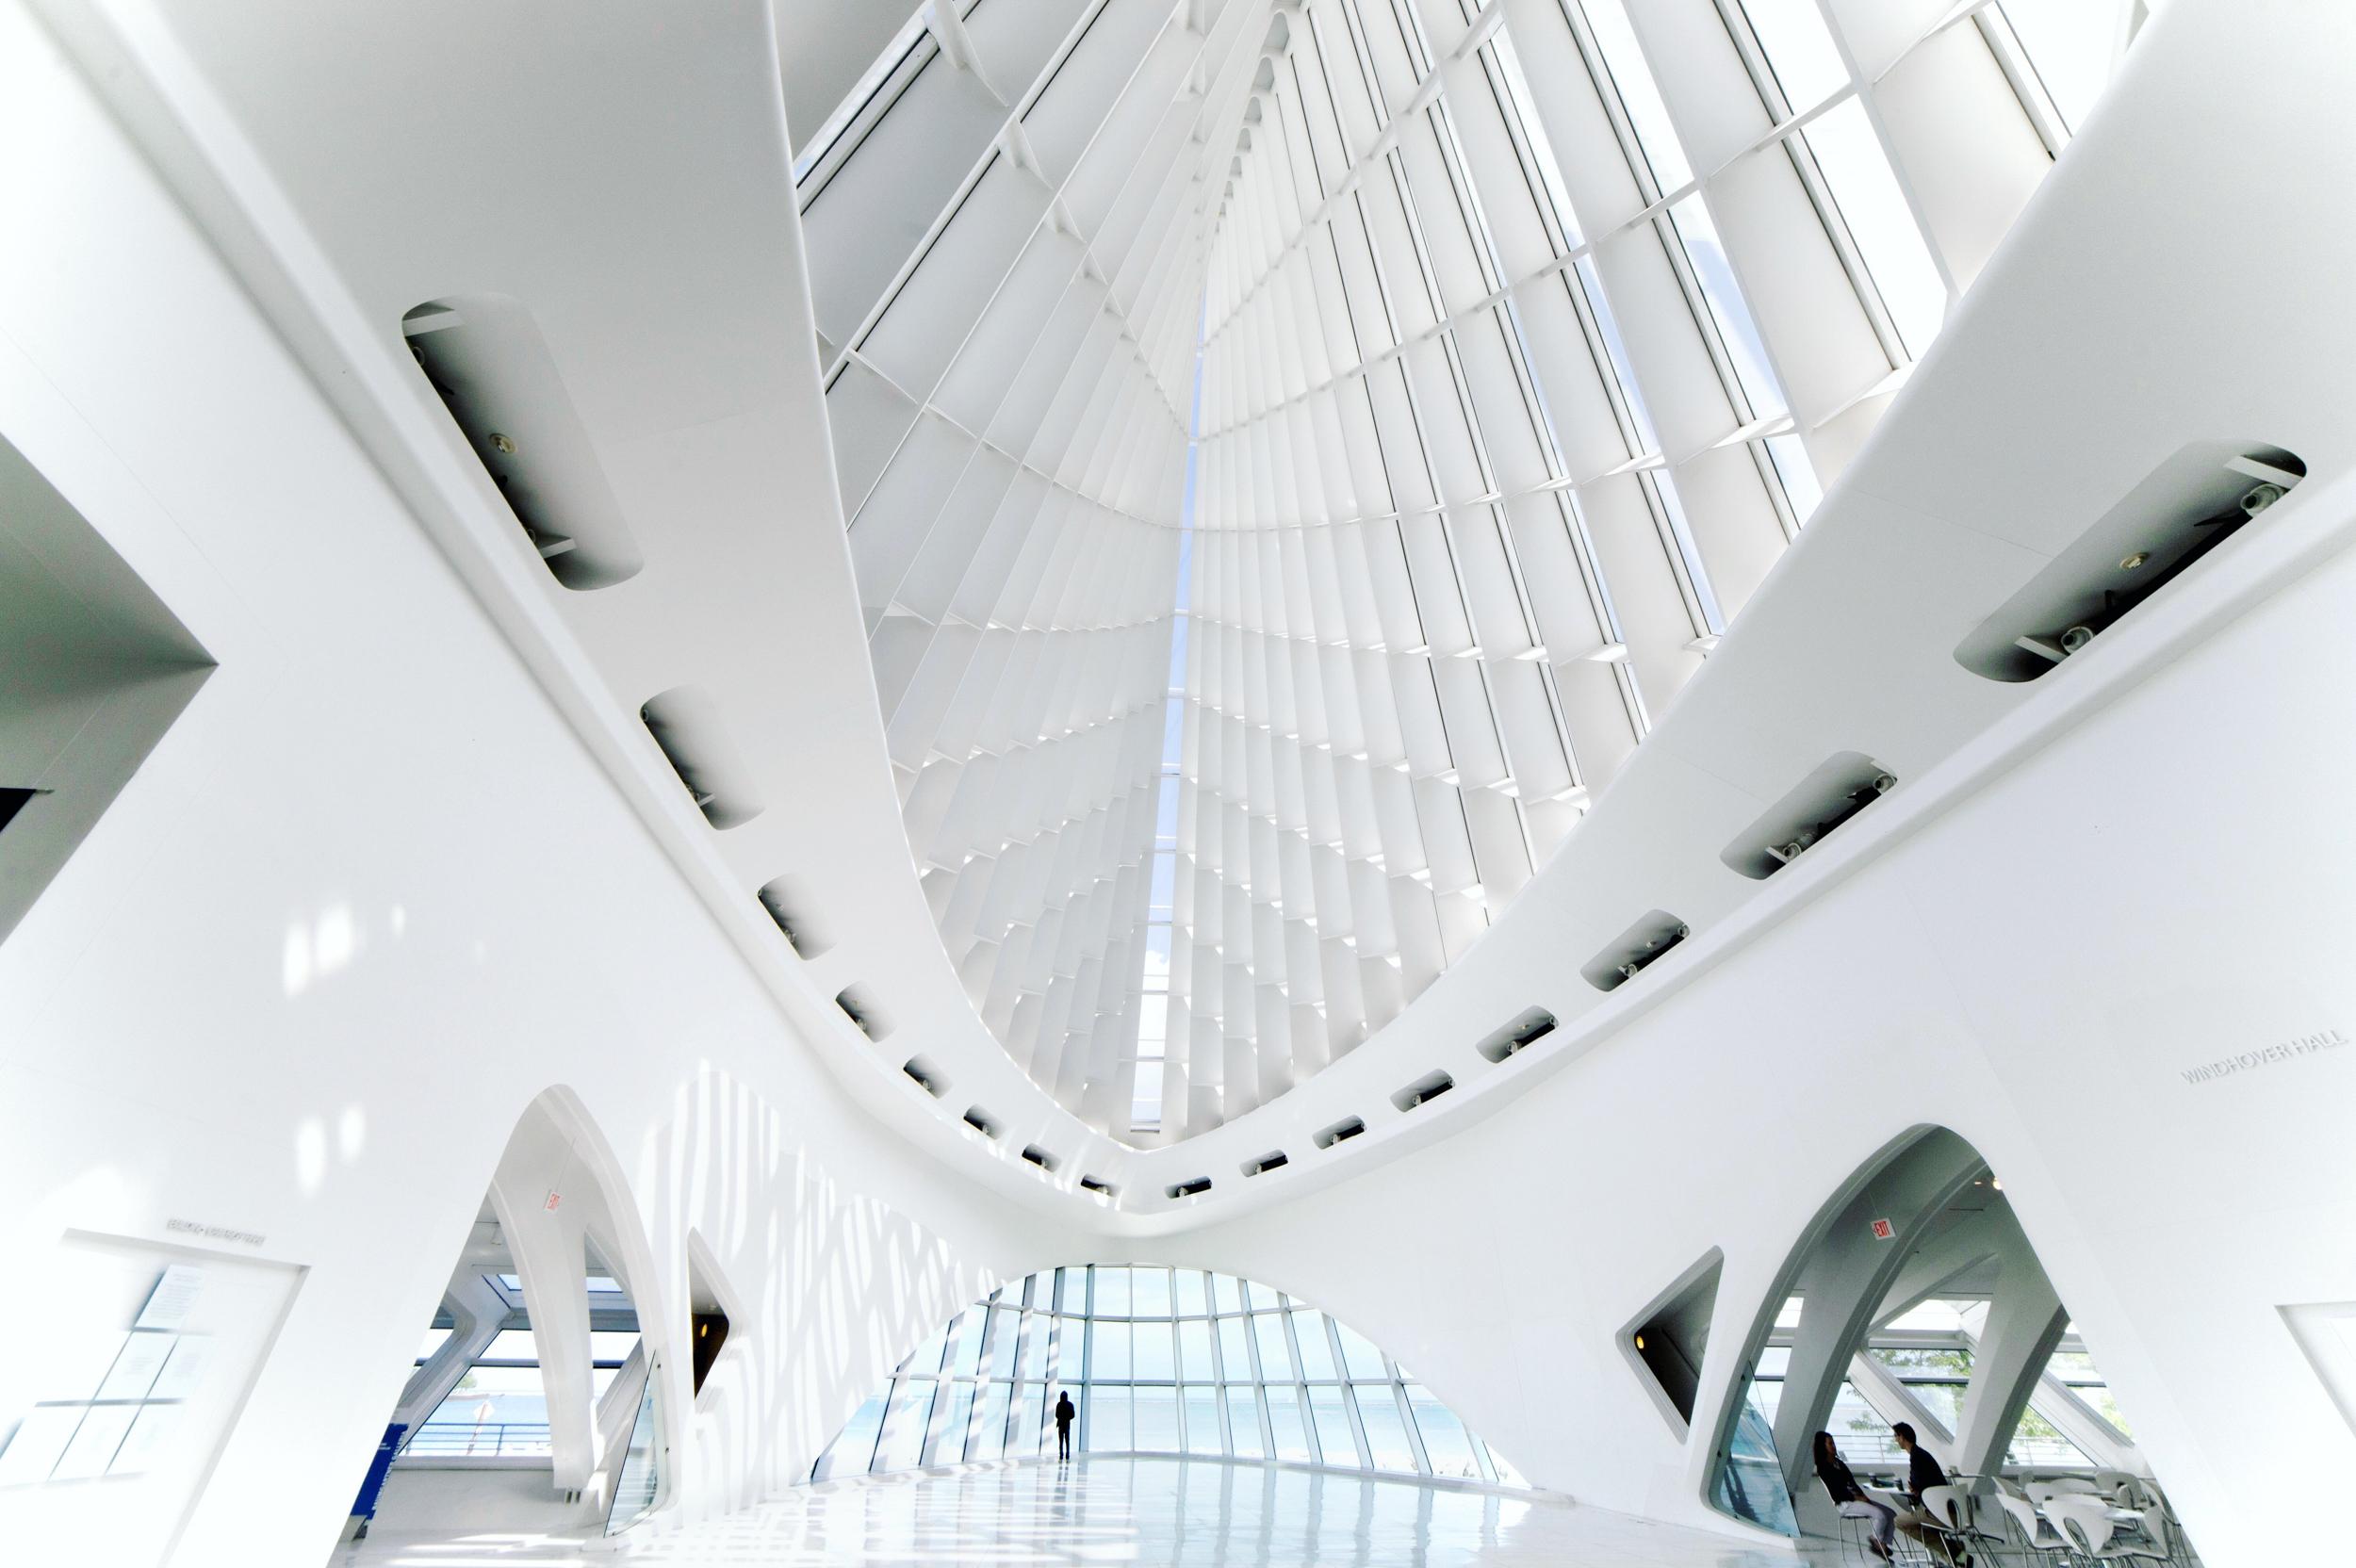 무료 이미지 : 건축물, 창문, 천장, 실내의, 조명, 현대, 인테리어 ...